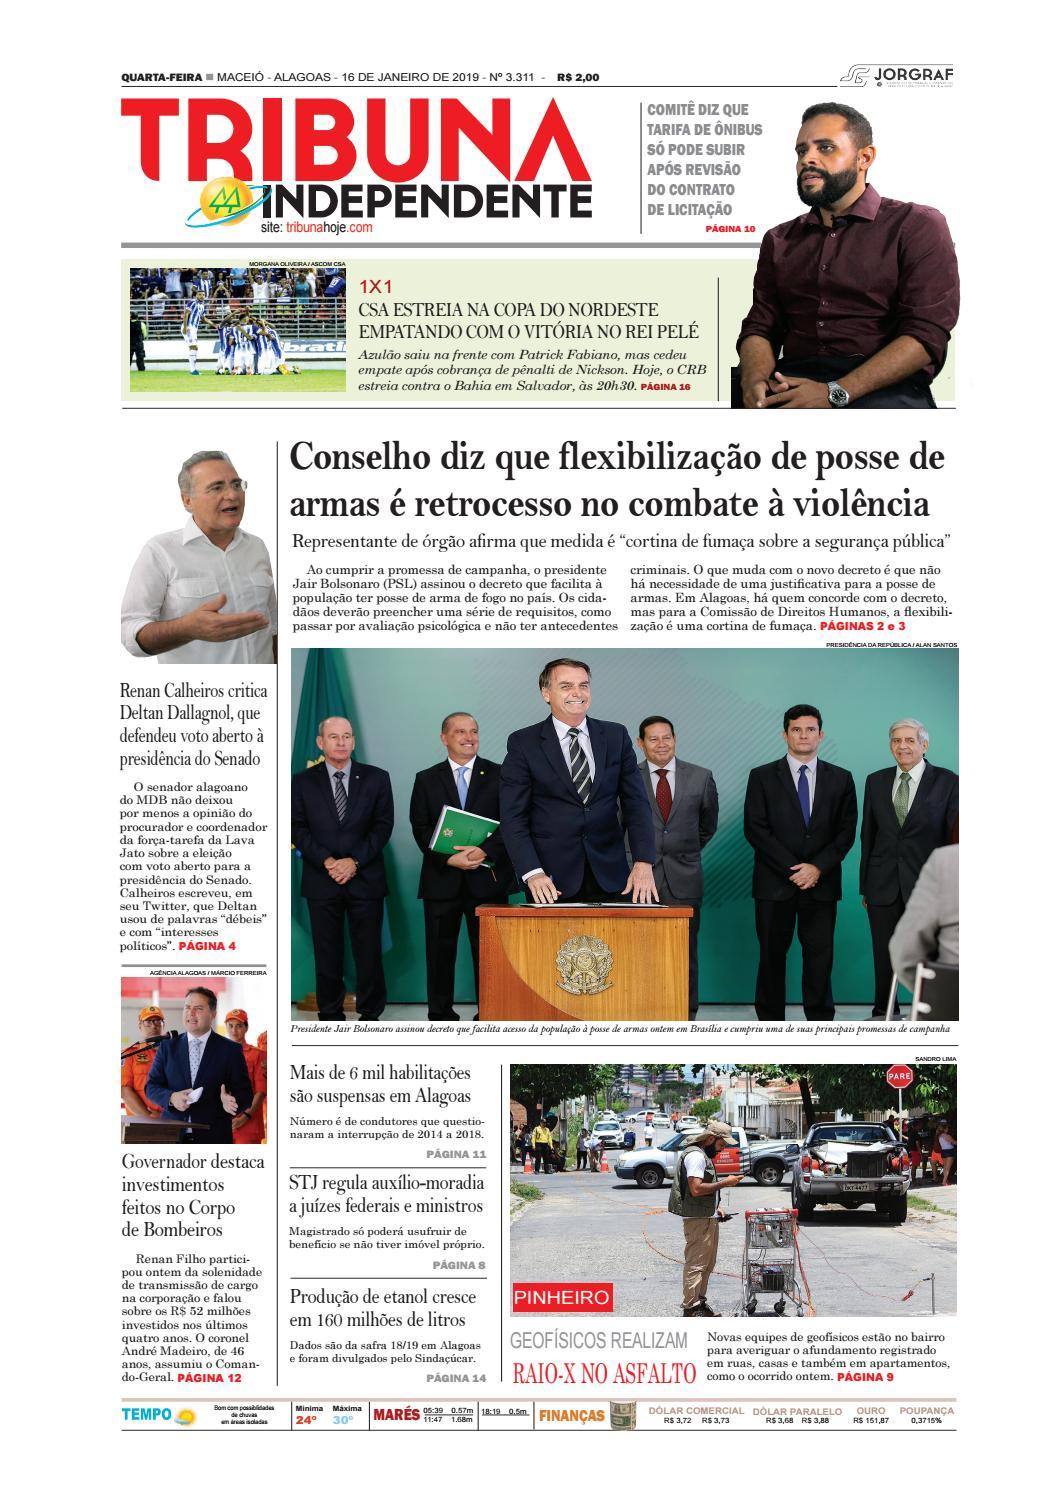 15d91a36eb25e Edição número 3311 - 16 de janeiro de 2019 by Tribuna Hoje - issuu